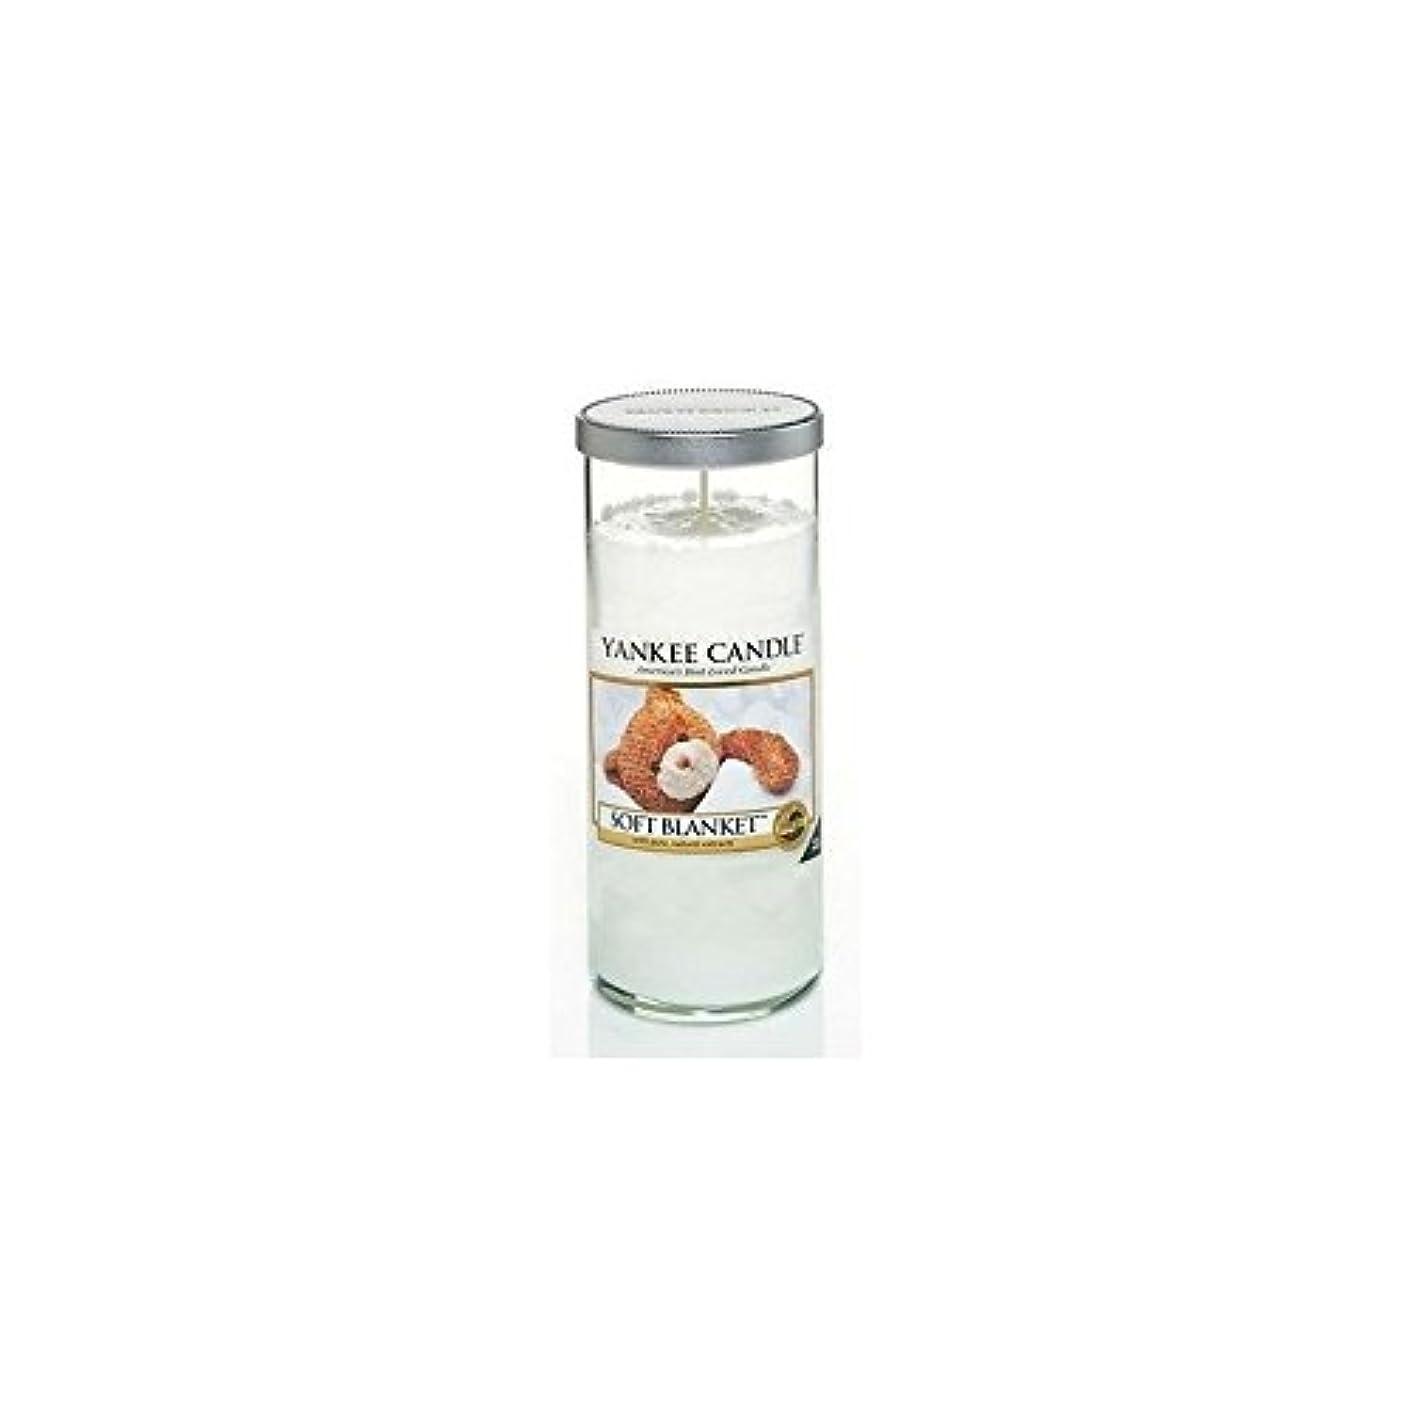 ケープ許さない利益Yankee Candles Large Pillar Candle - Soft Blanket (Pack of 2) - ヤンキーキャンドル大きな柱キャンドル - ソフト毛布 (x2) [並行輸入品]